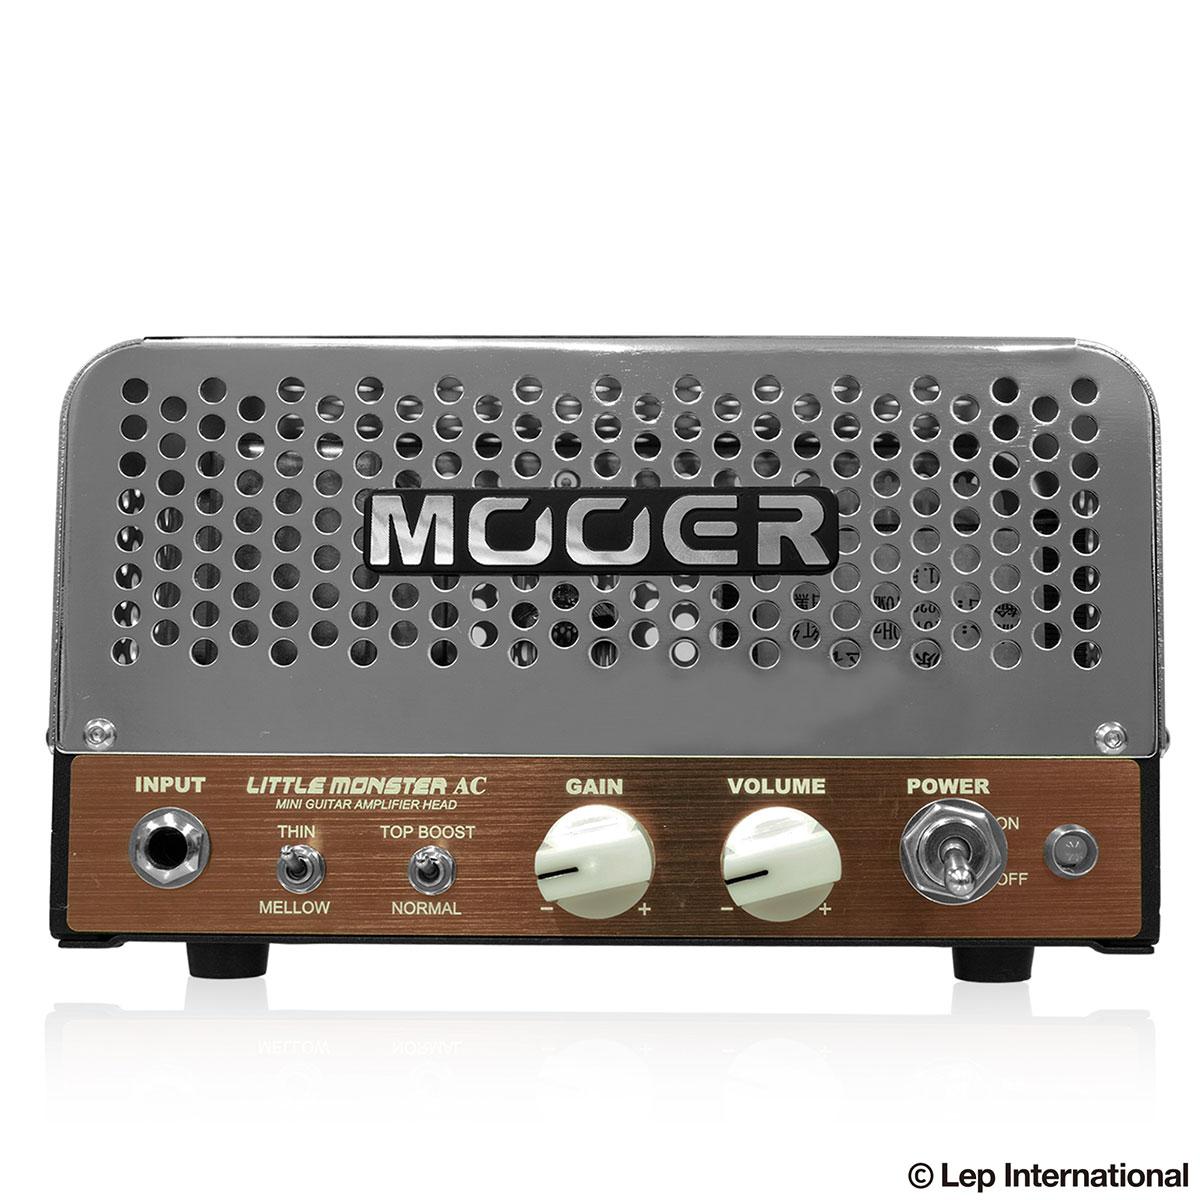 【納期1〜2ヶ月】Mooer 74Little Monster AC